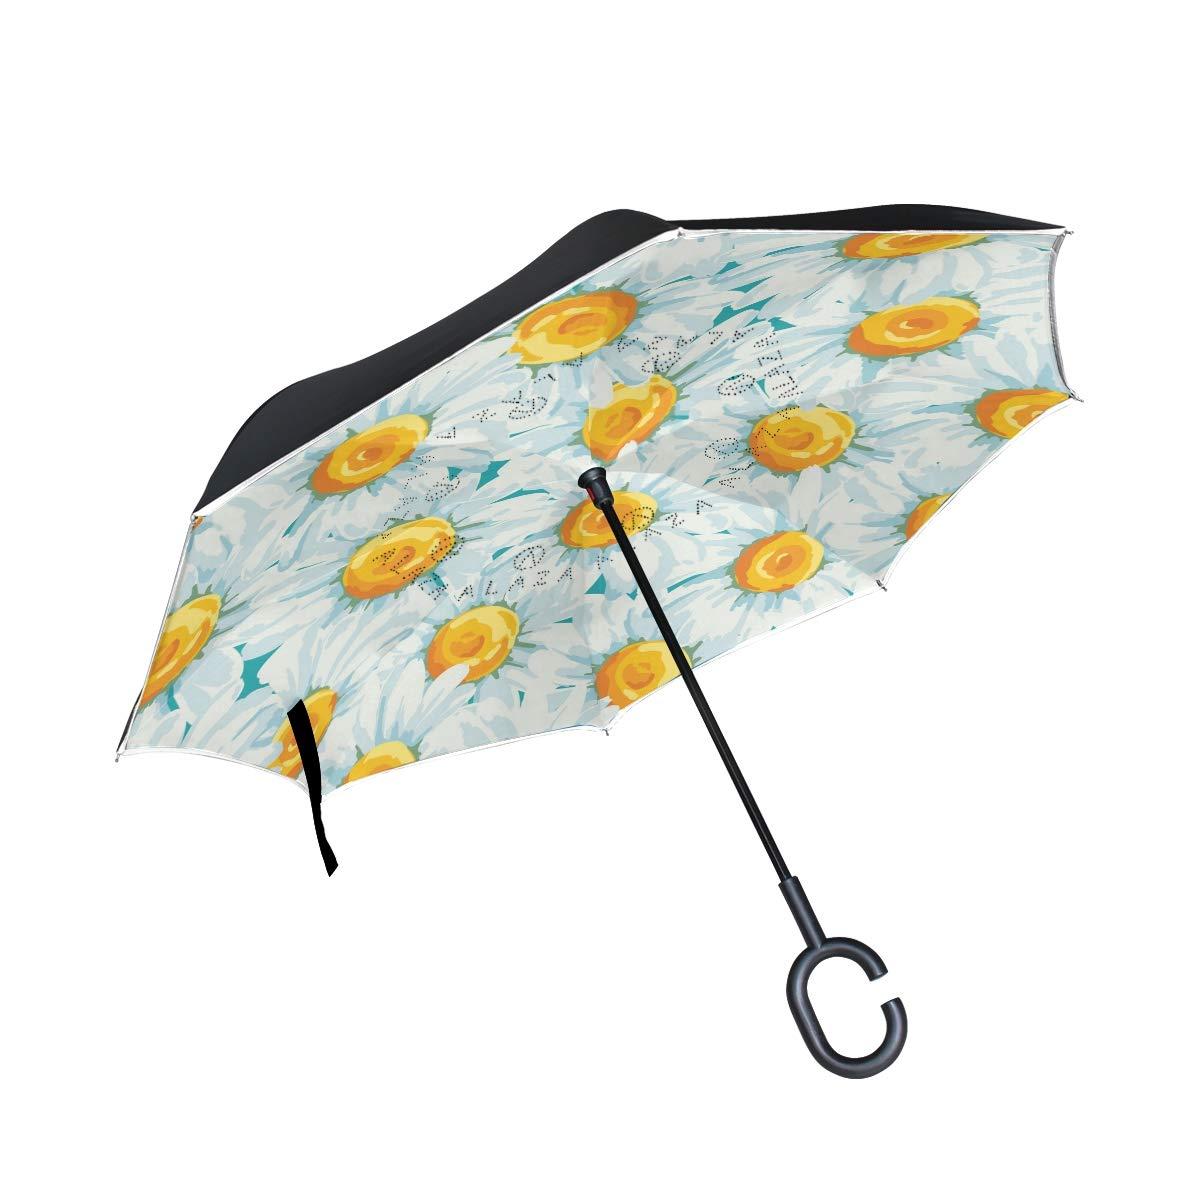 Mnsruu inversé parapluies Motif Floral avec Marguerites Parapluie Pliable Double Couche Coupe-Vent Anti-UV Coupe-Vent Voyage Parapluie pour Homme et Femme